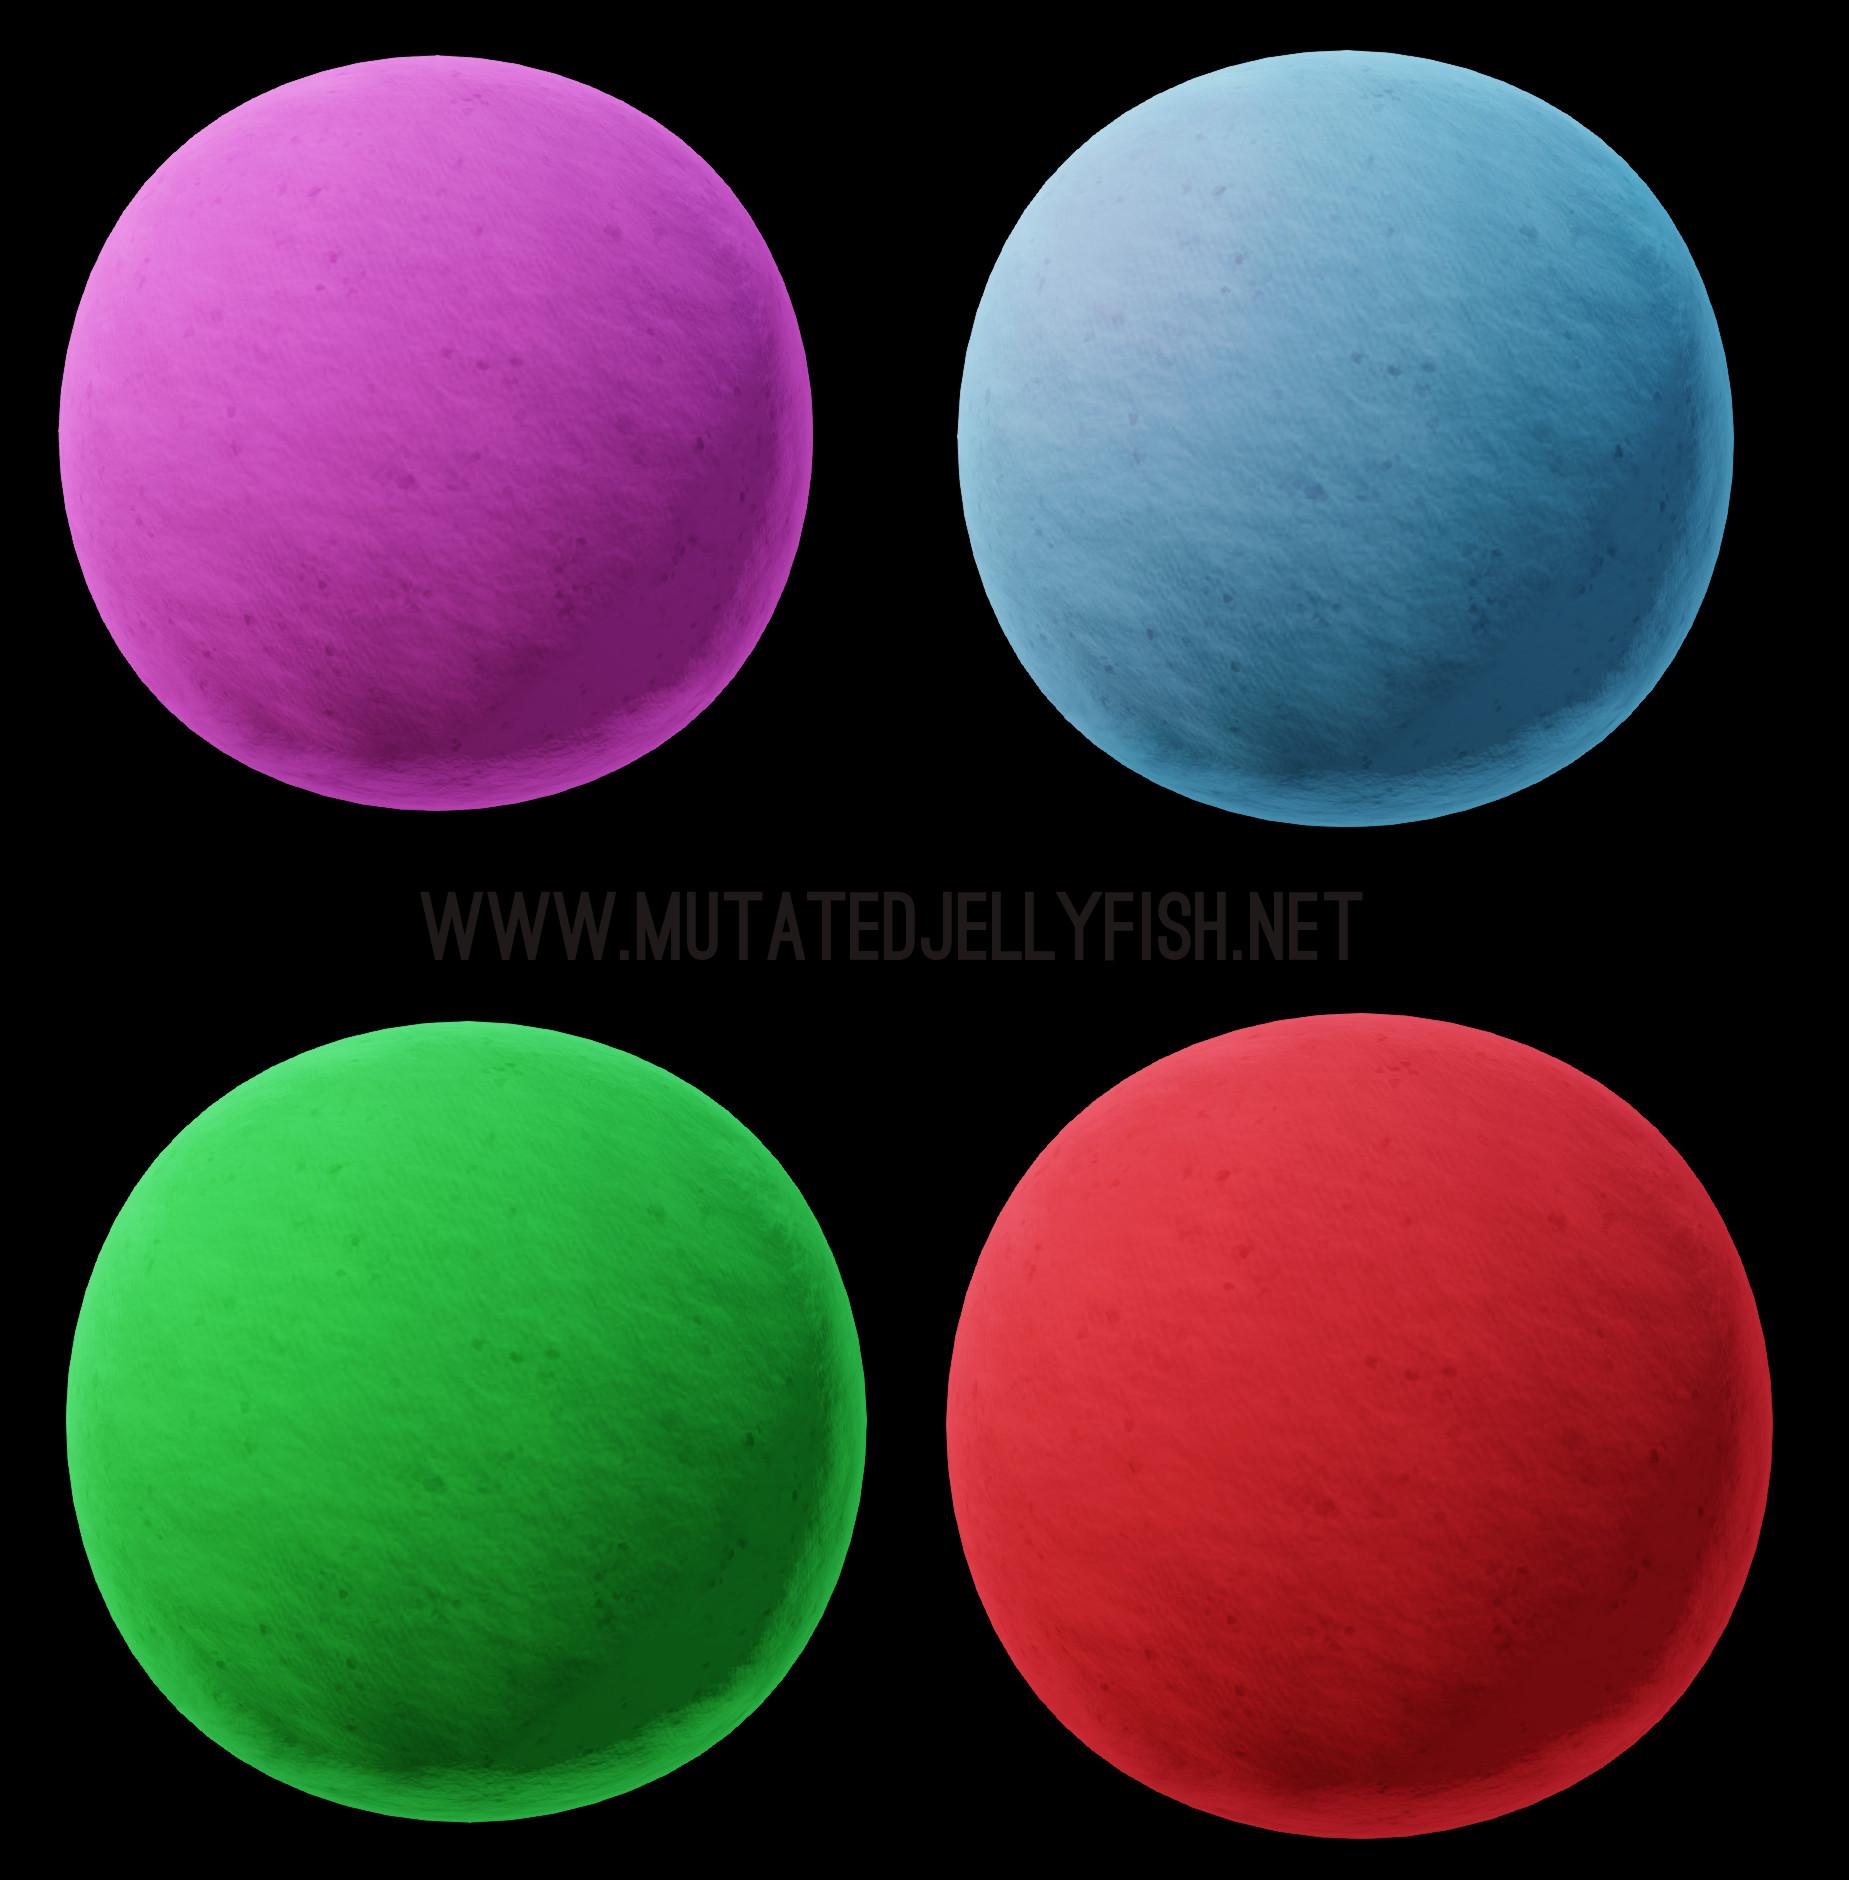 Worth dayley spheres 07